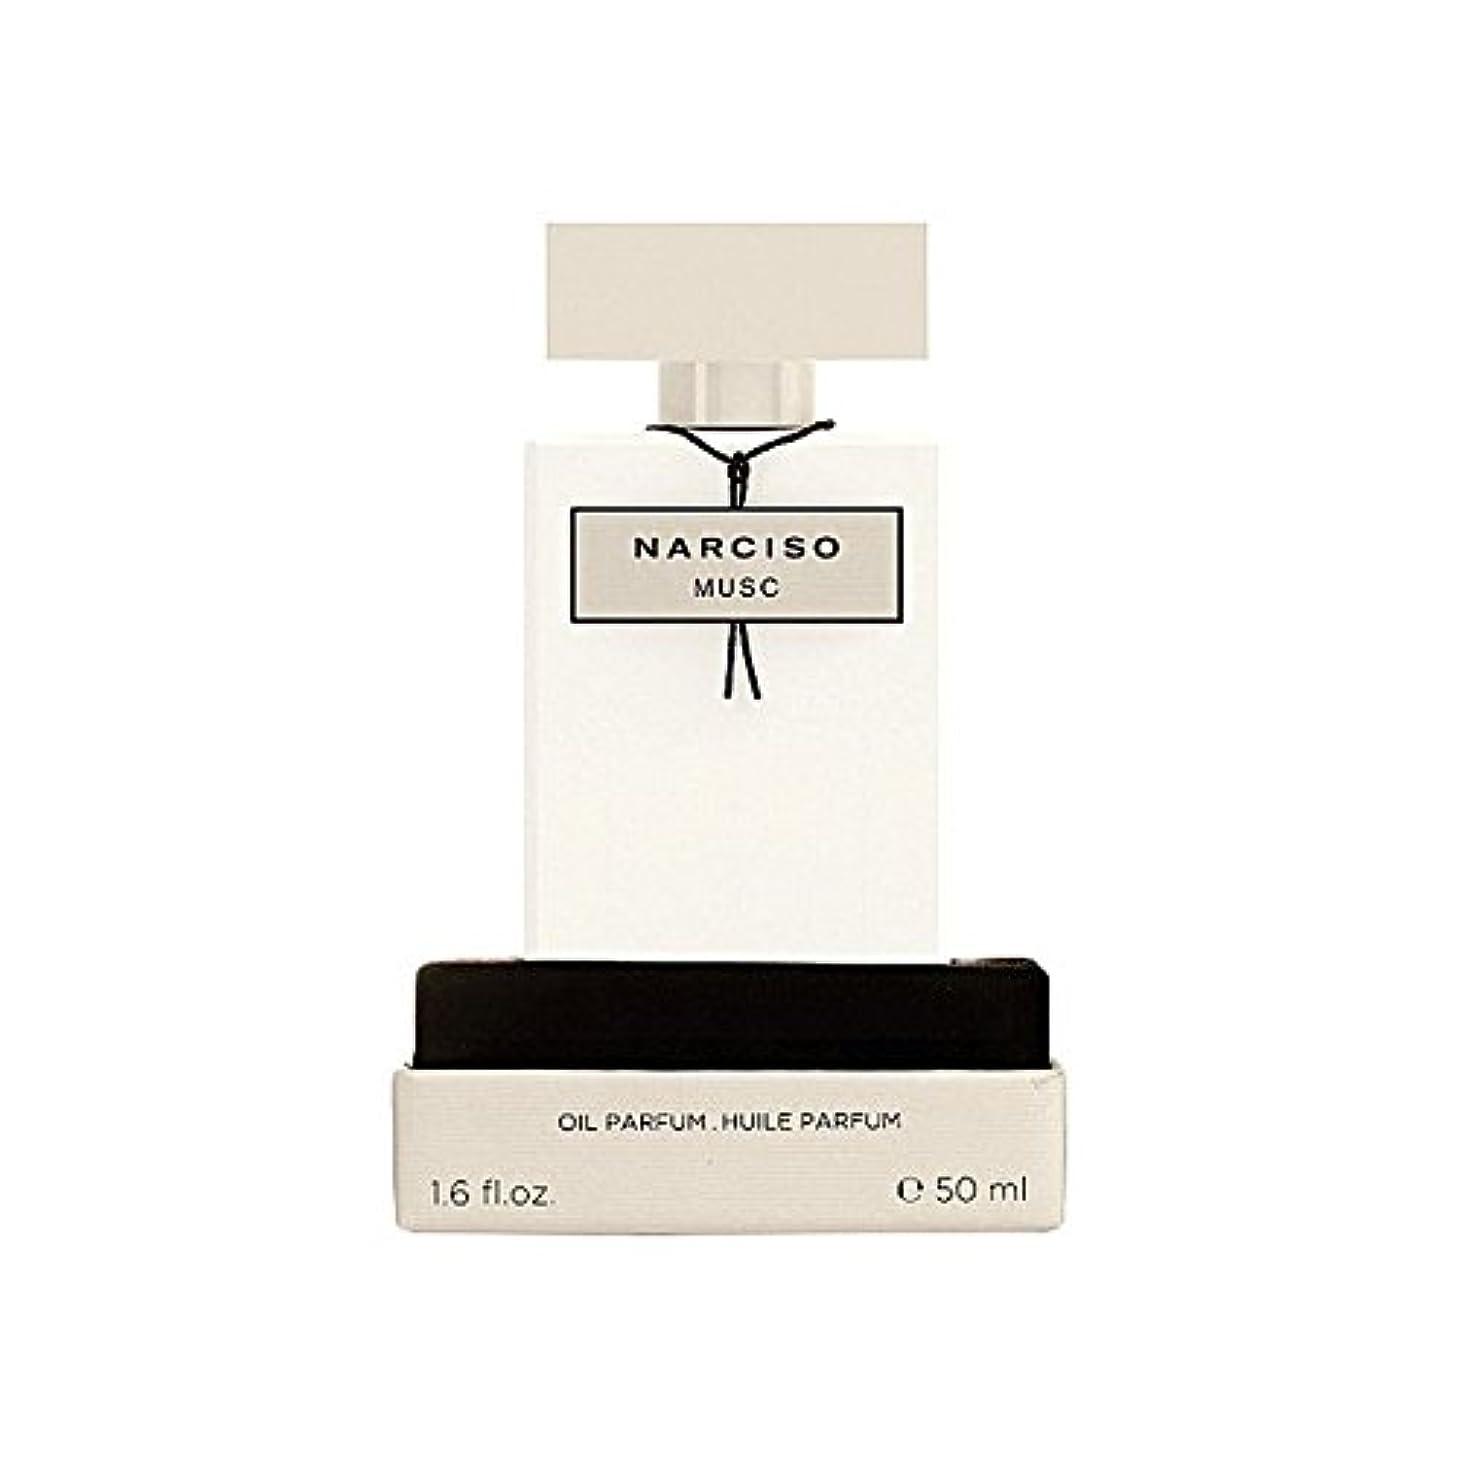 フラップスクラップ正当なナルシソ?ロドリゲスナルシソオイル50ミリリットル x2 - Narciso Rodriguez Narciso Musc Oil 50ml (Pack of 2) [並行輸入品]